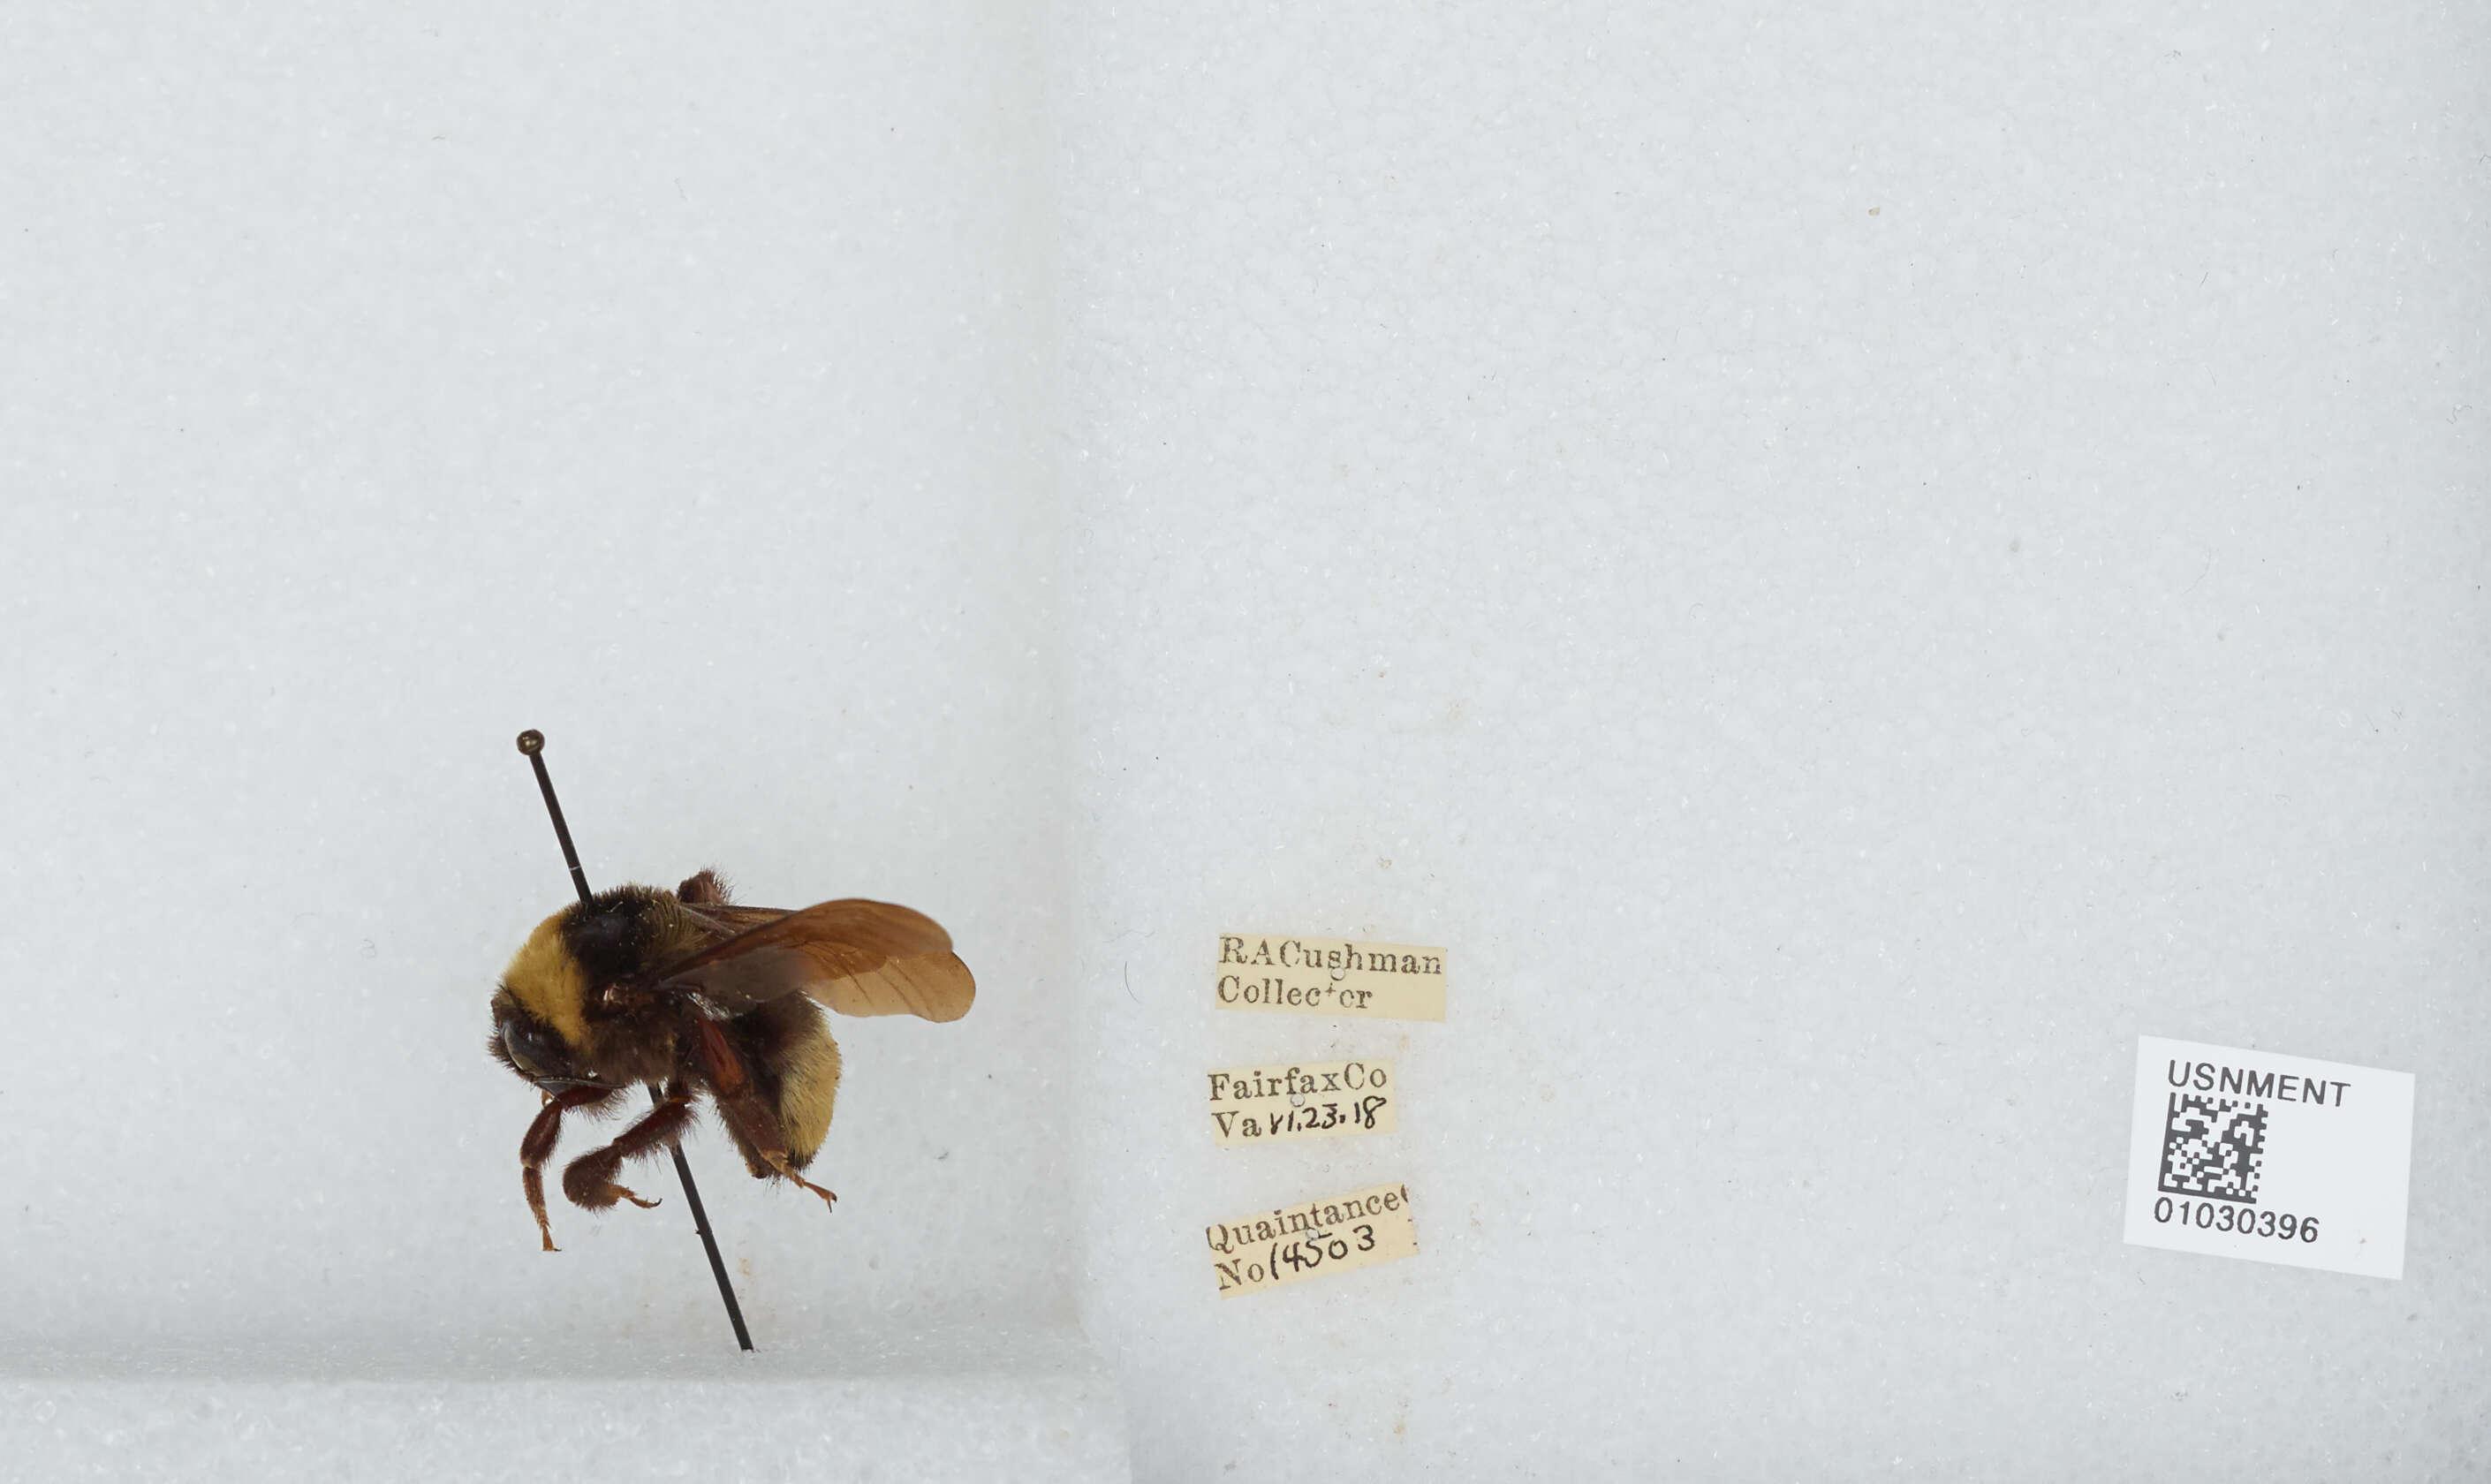 Image of Nevada bumblebee